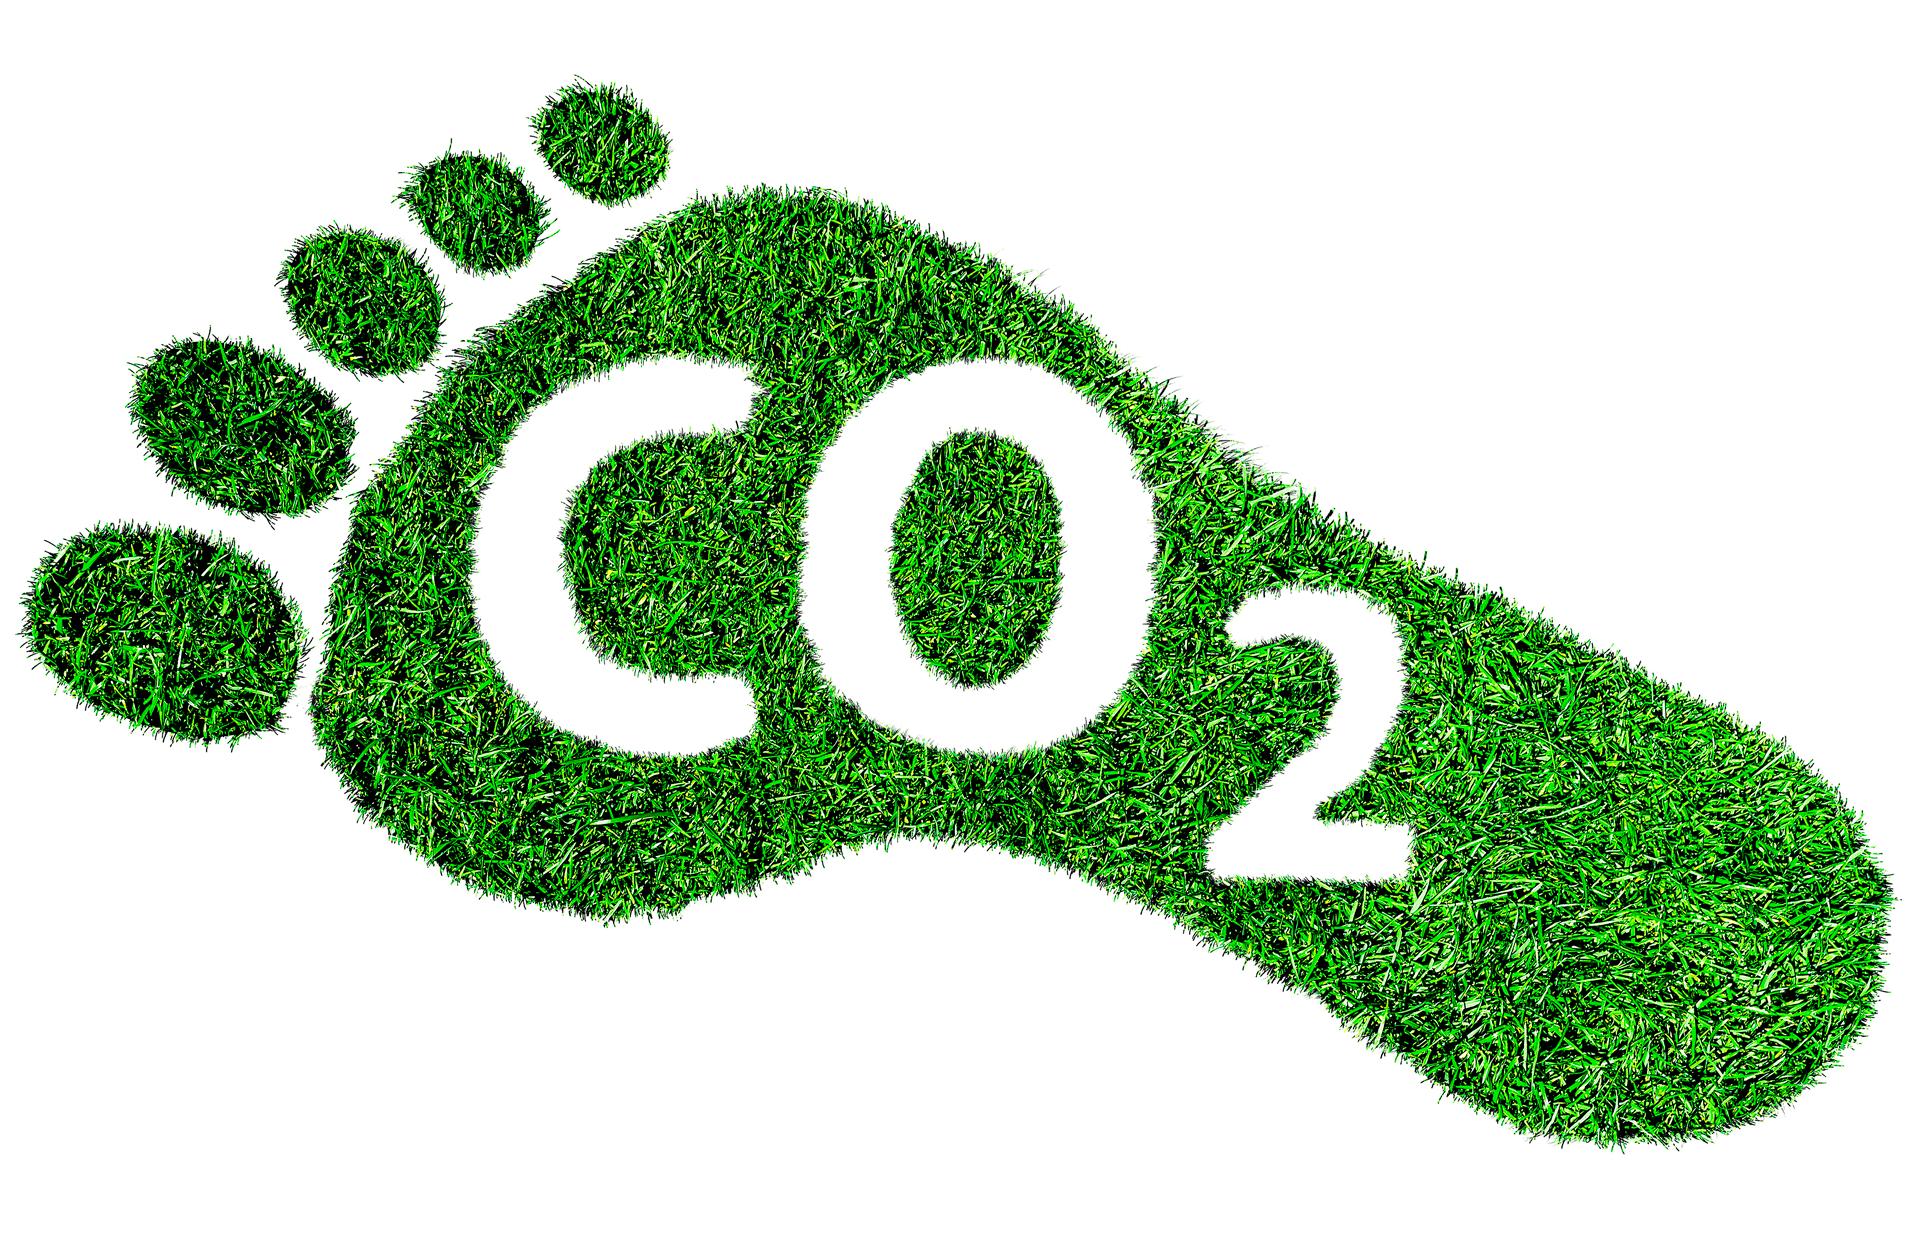 Grüner Fußabdruck mit CO2-Beschriftung